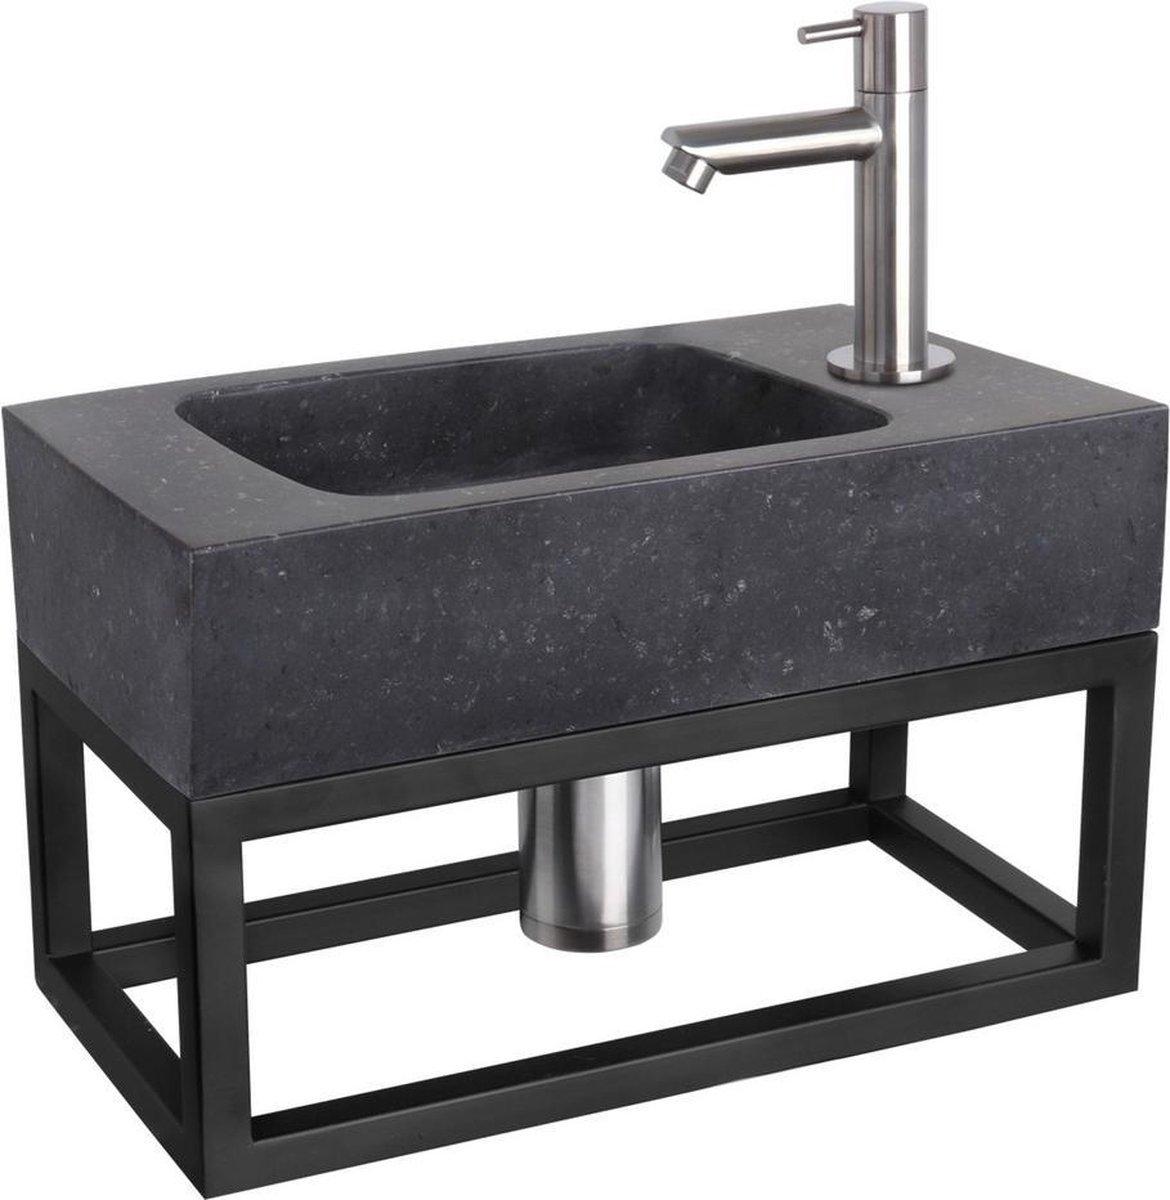 Differnz Fonteinset Bombai black - Natuursteen - Kraan recht mat chroom - Met handdoekrek - 40 x 22 x 9 cm